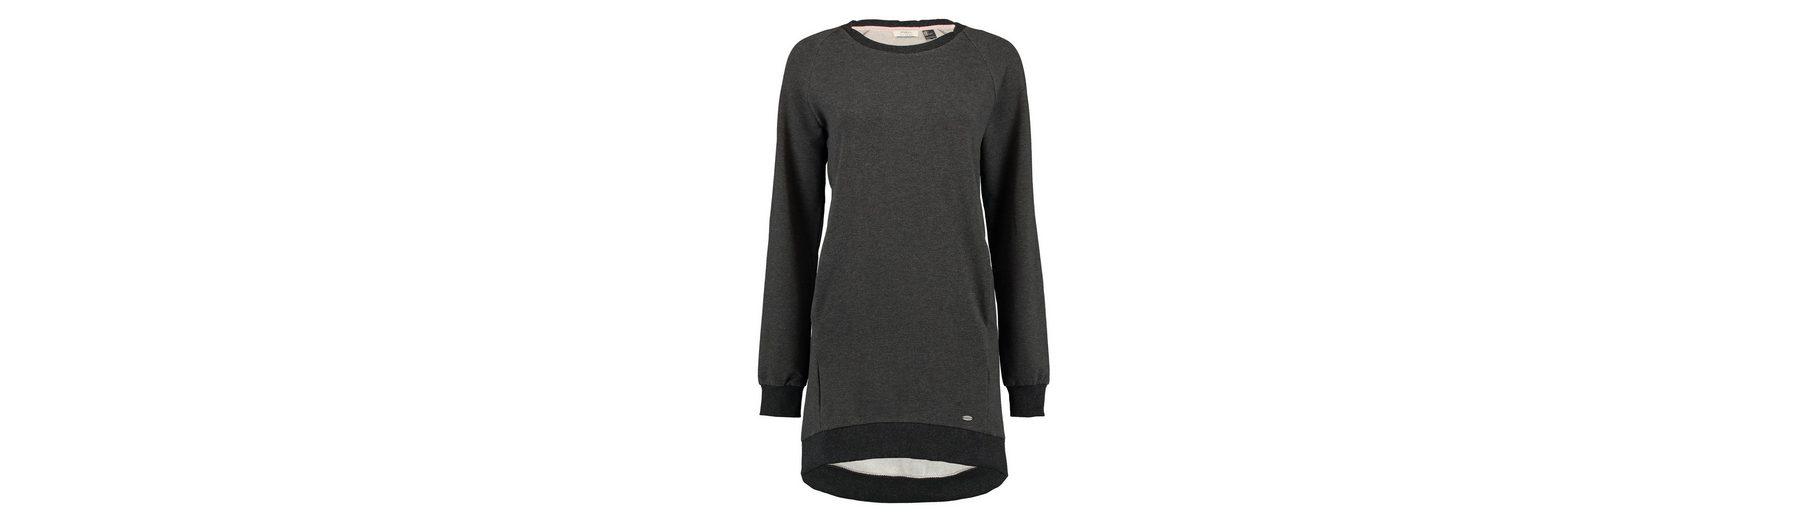 Erstaunlicher Preis O'Neill Kleid maxi Sweatshirt 100% Garantiert Billig Verkaufen Kaufen Versorgung Günstiger Preis Nicekicks Zum Verkauf BG5LV